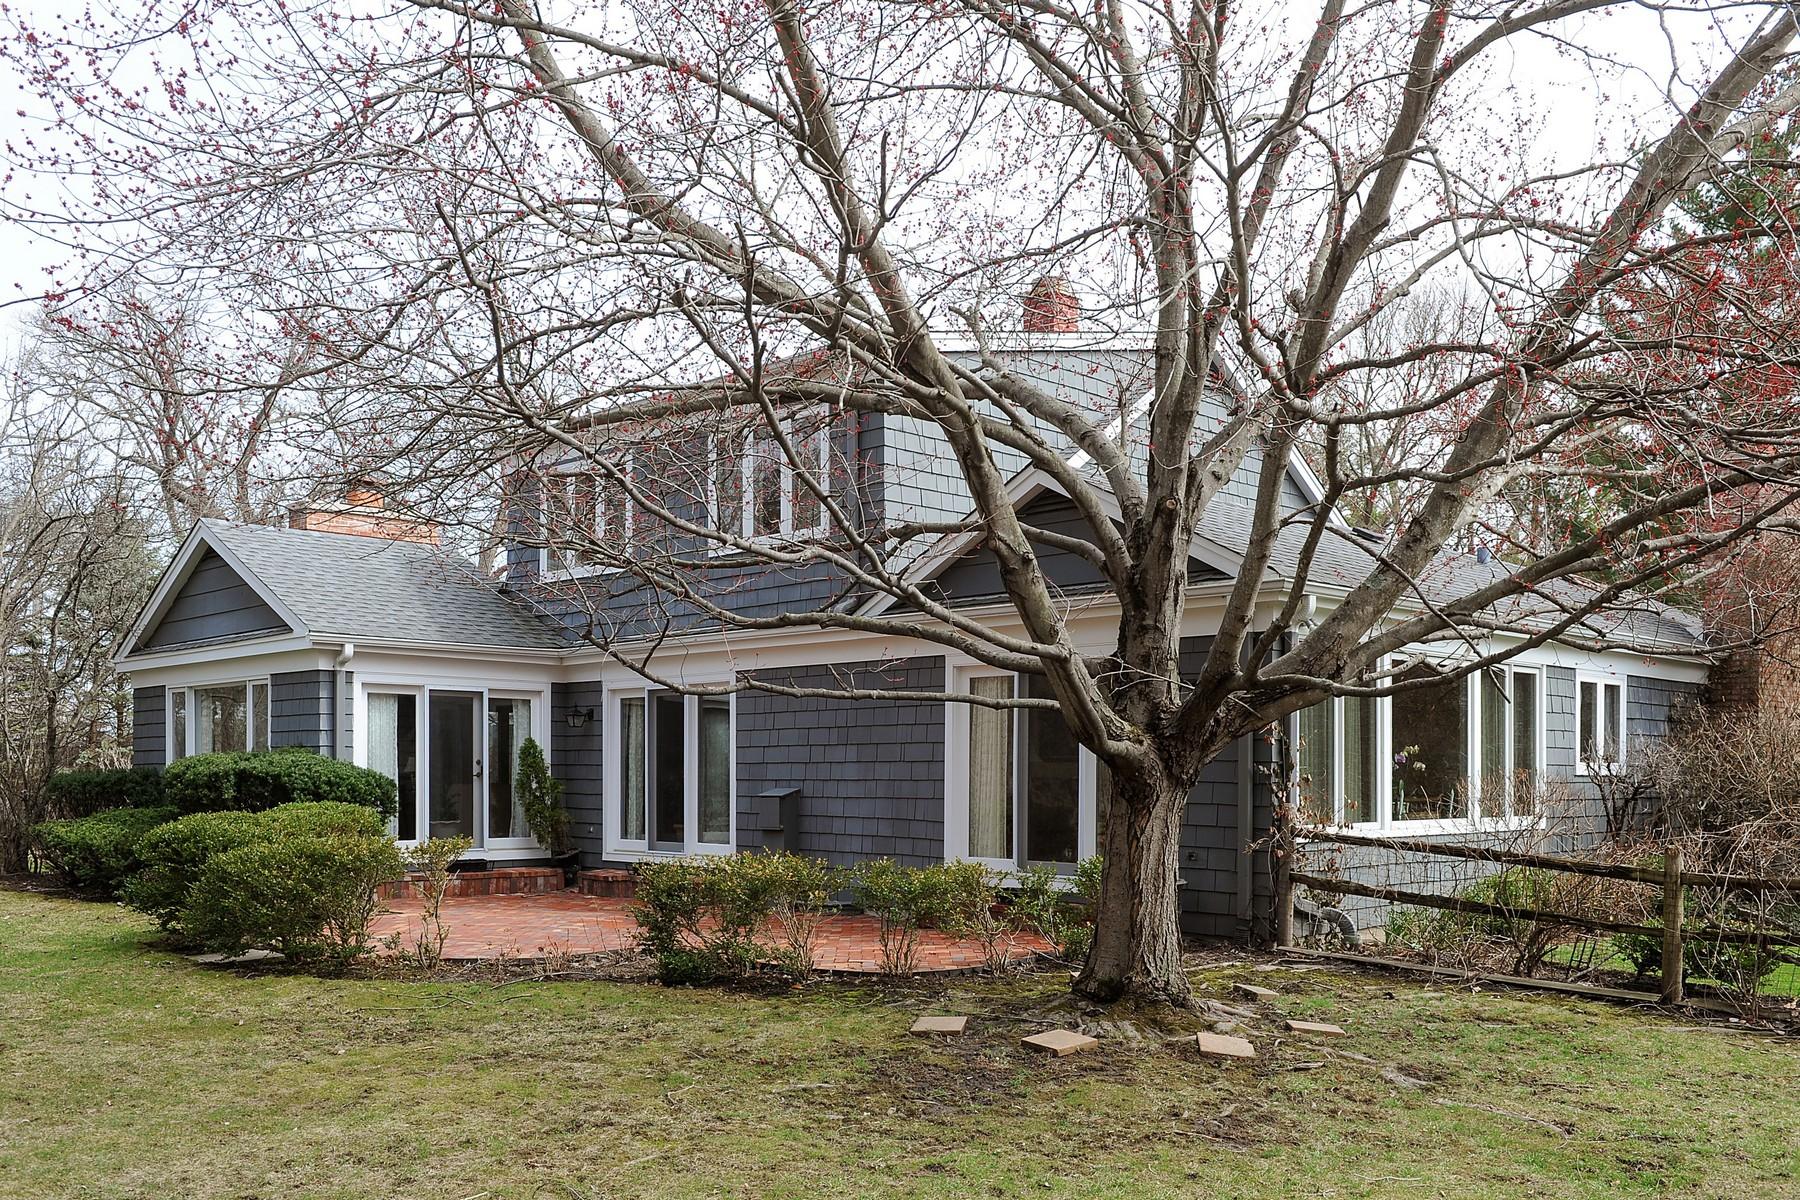 Частный односемейный дом для того Продажа на Character-Rich Pristine Home 1742 N Waukegan Road Lake Forest, Иллинойс, 60045 Соединенные Штаты